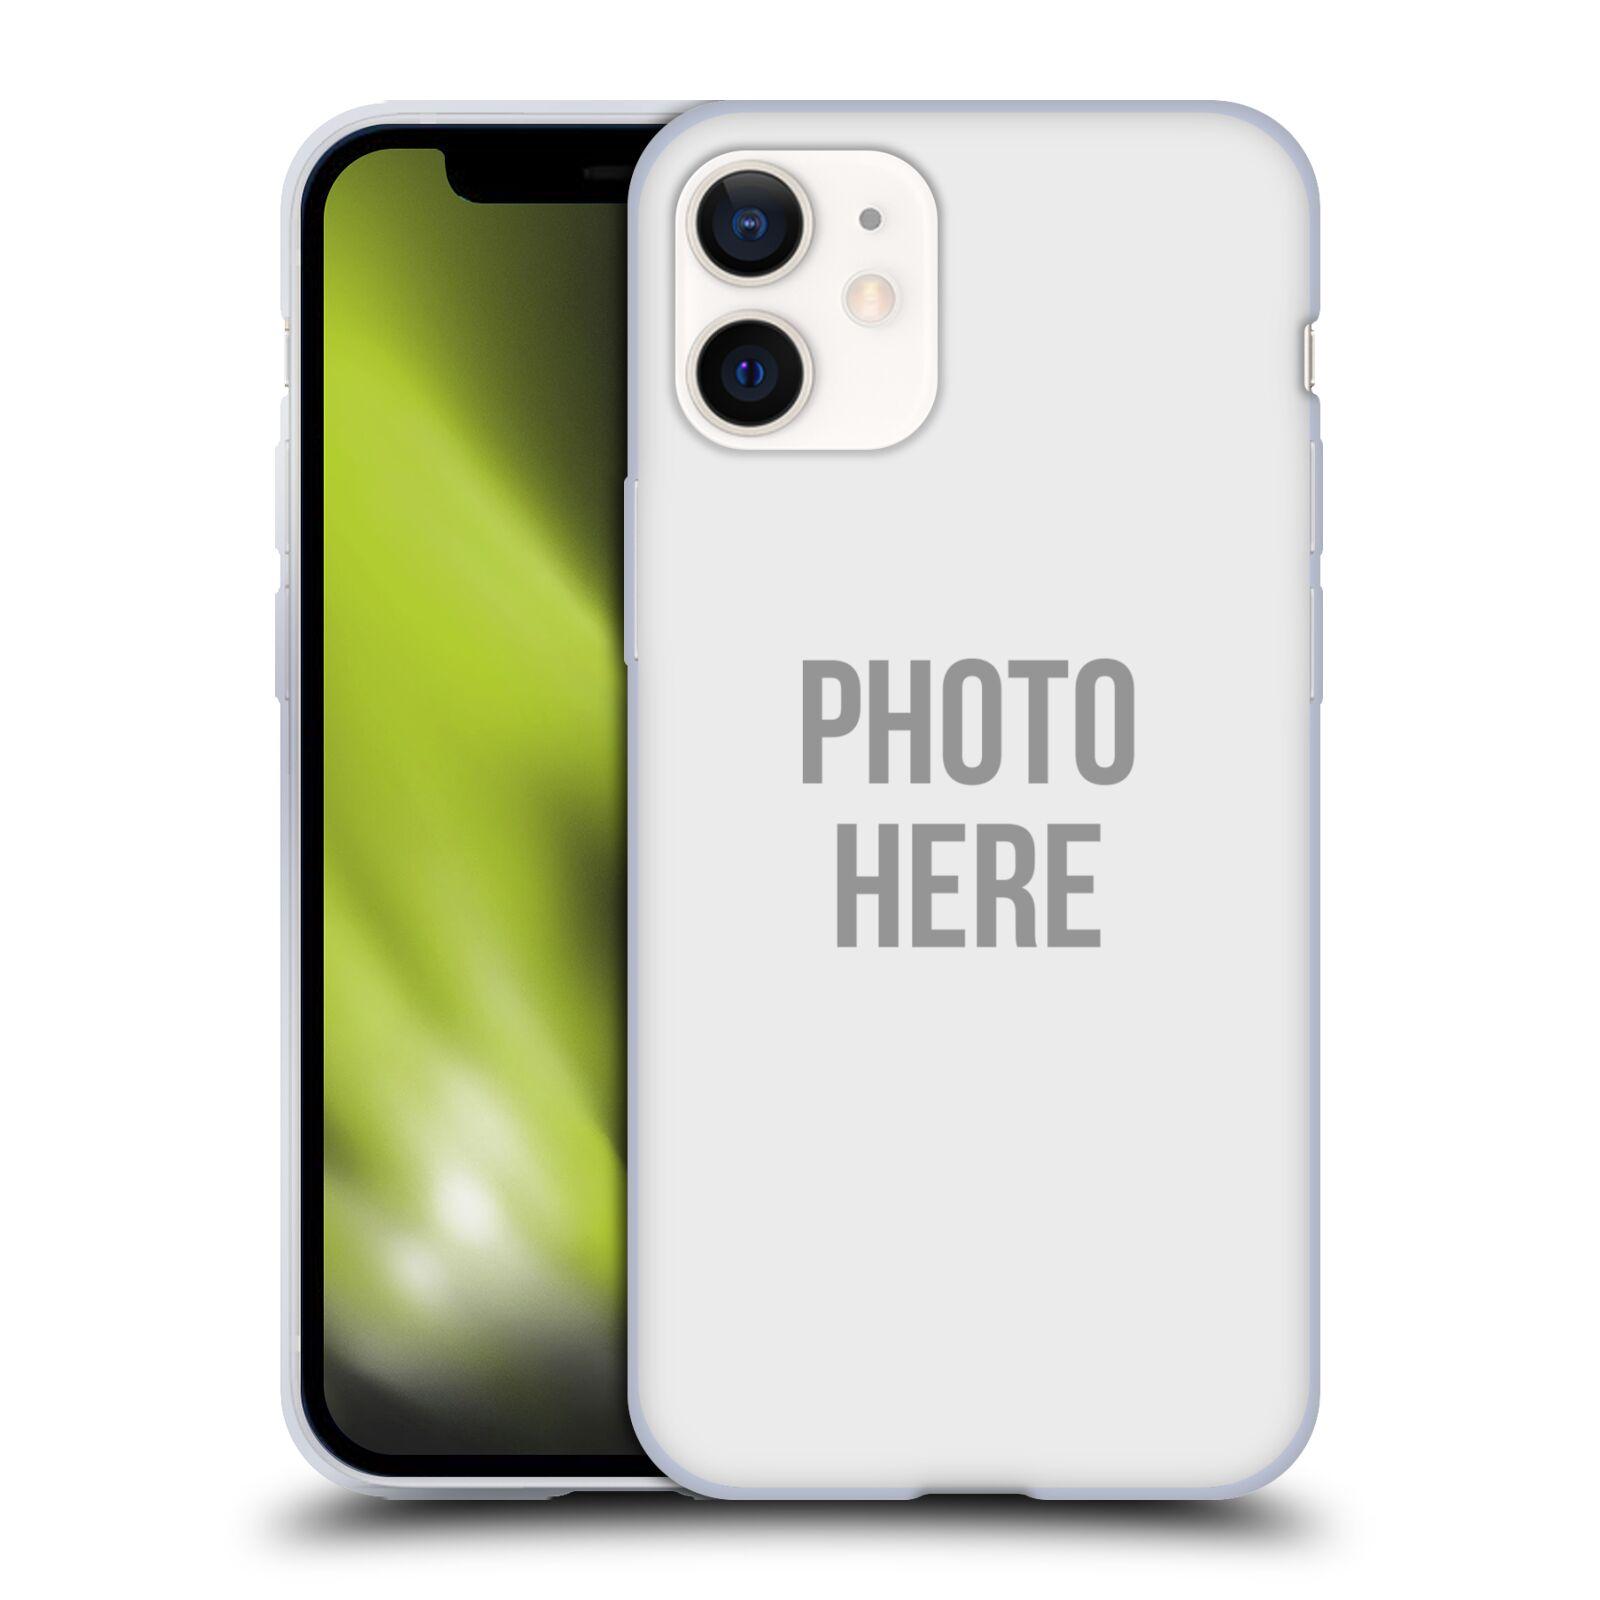 Silikonové pouzdro na mobil Apple iPhone 12 Mini s vlastním motivem